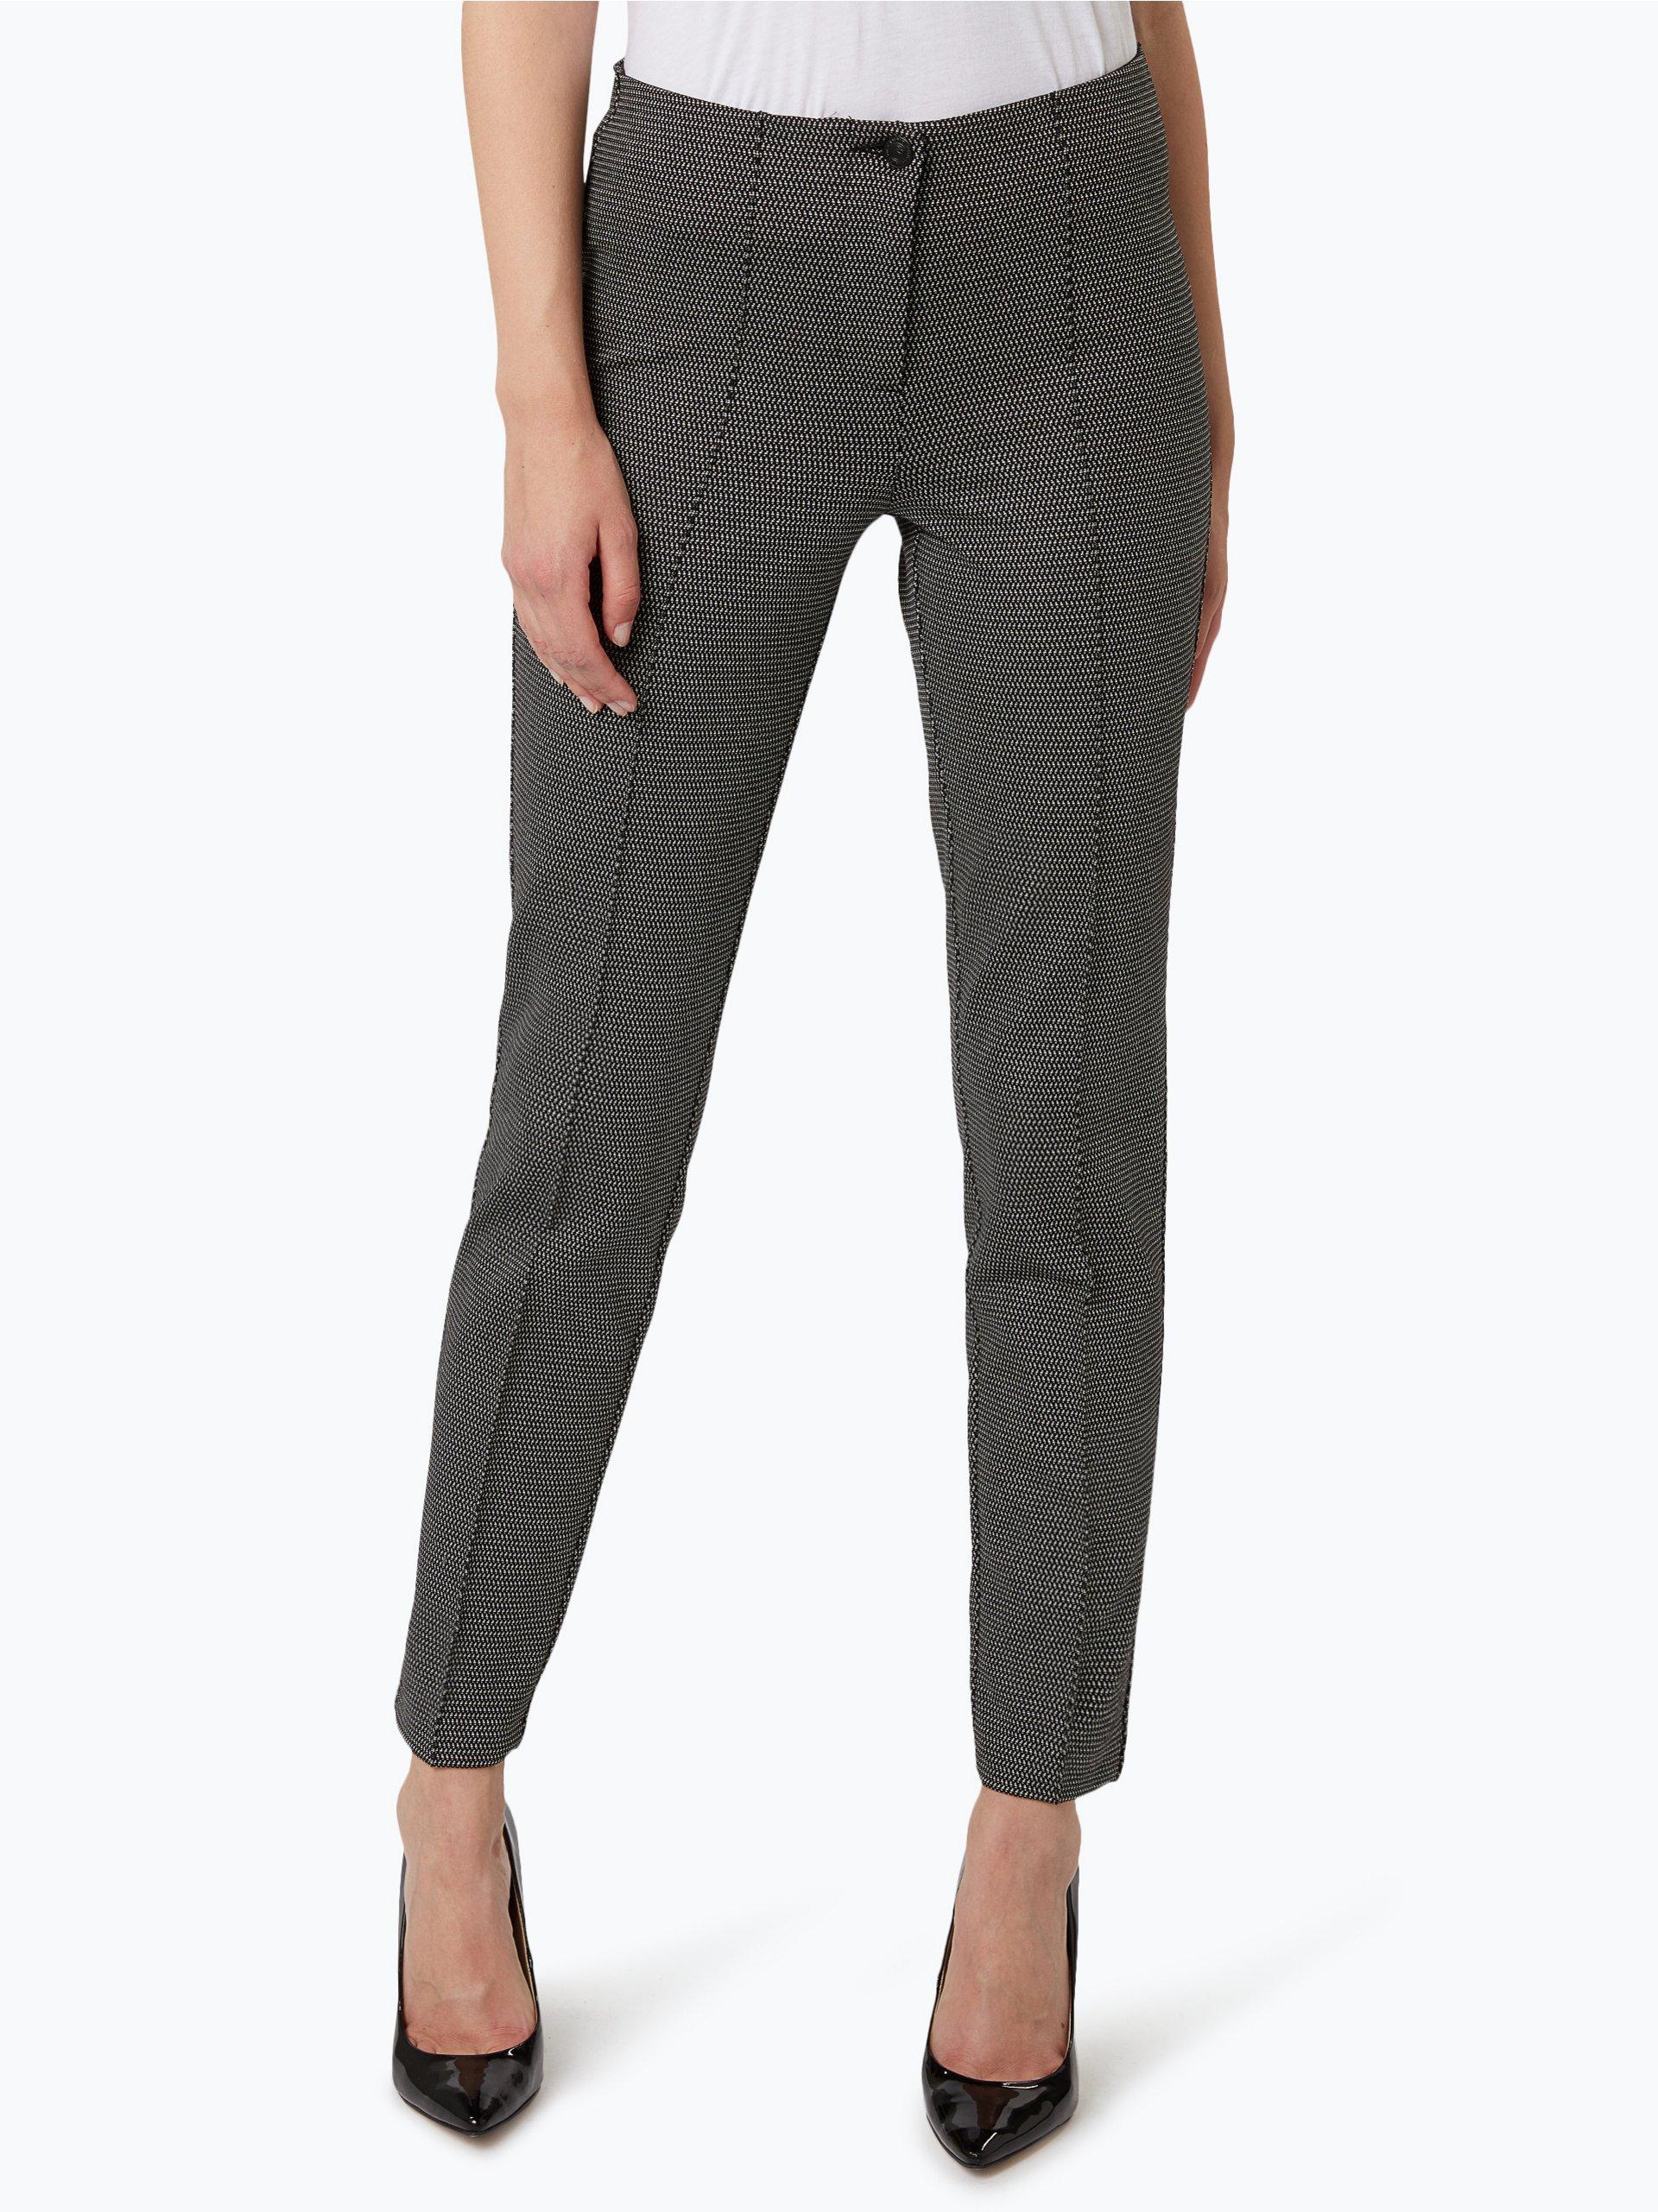 Cambio Spodnie damskie - Ros